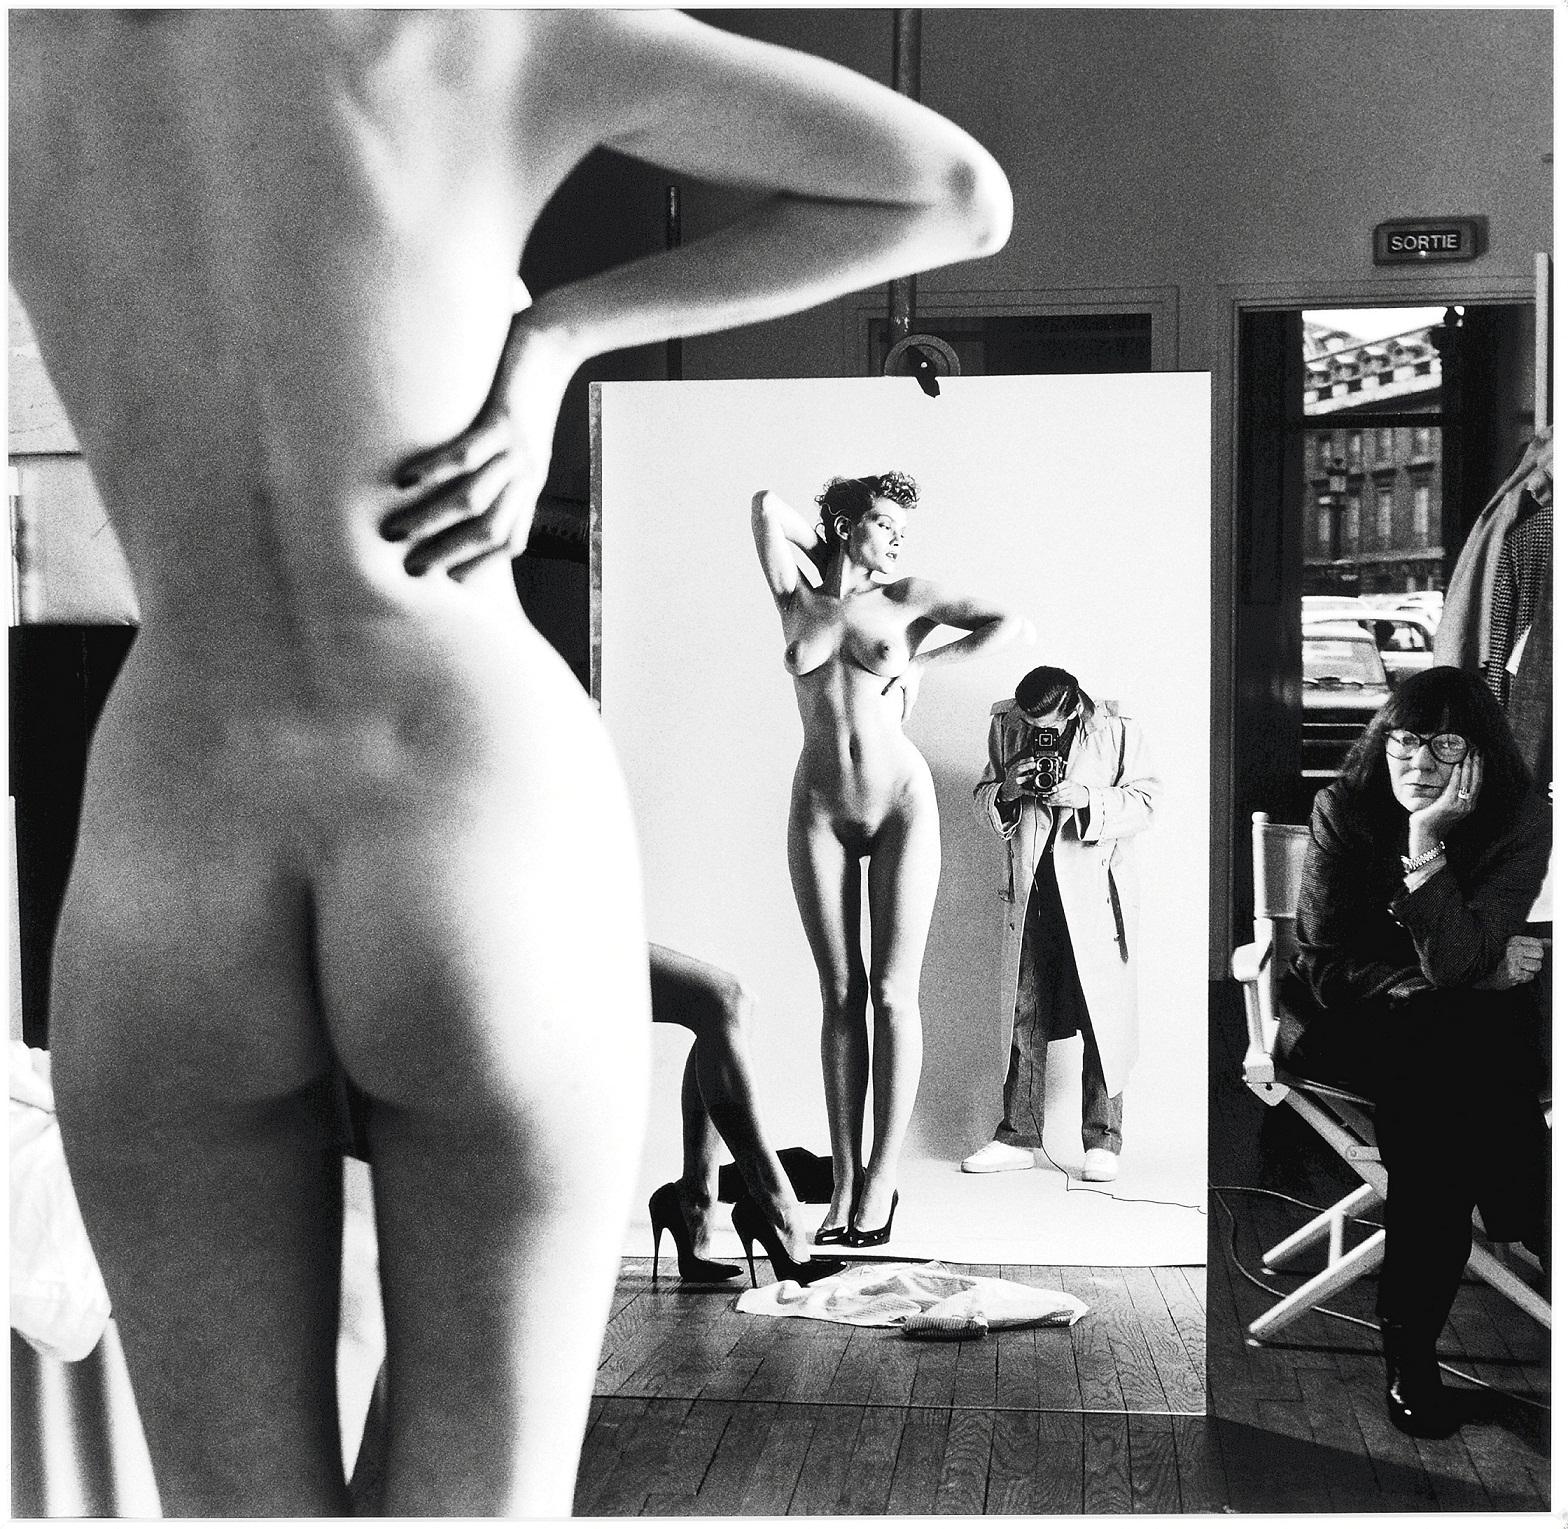 Autoportrait avec June et modeles, Helmut Newton, 1981